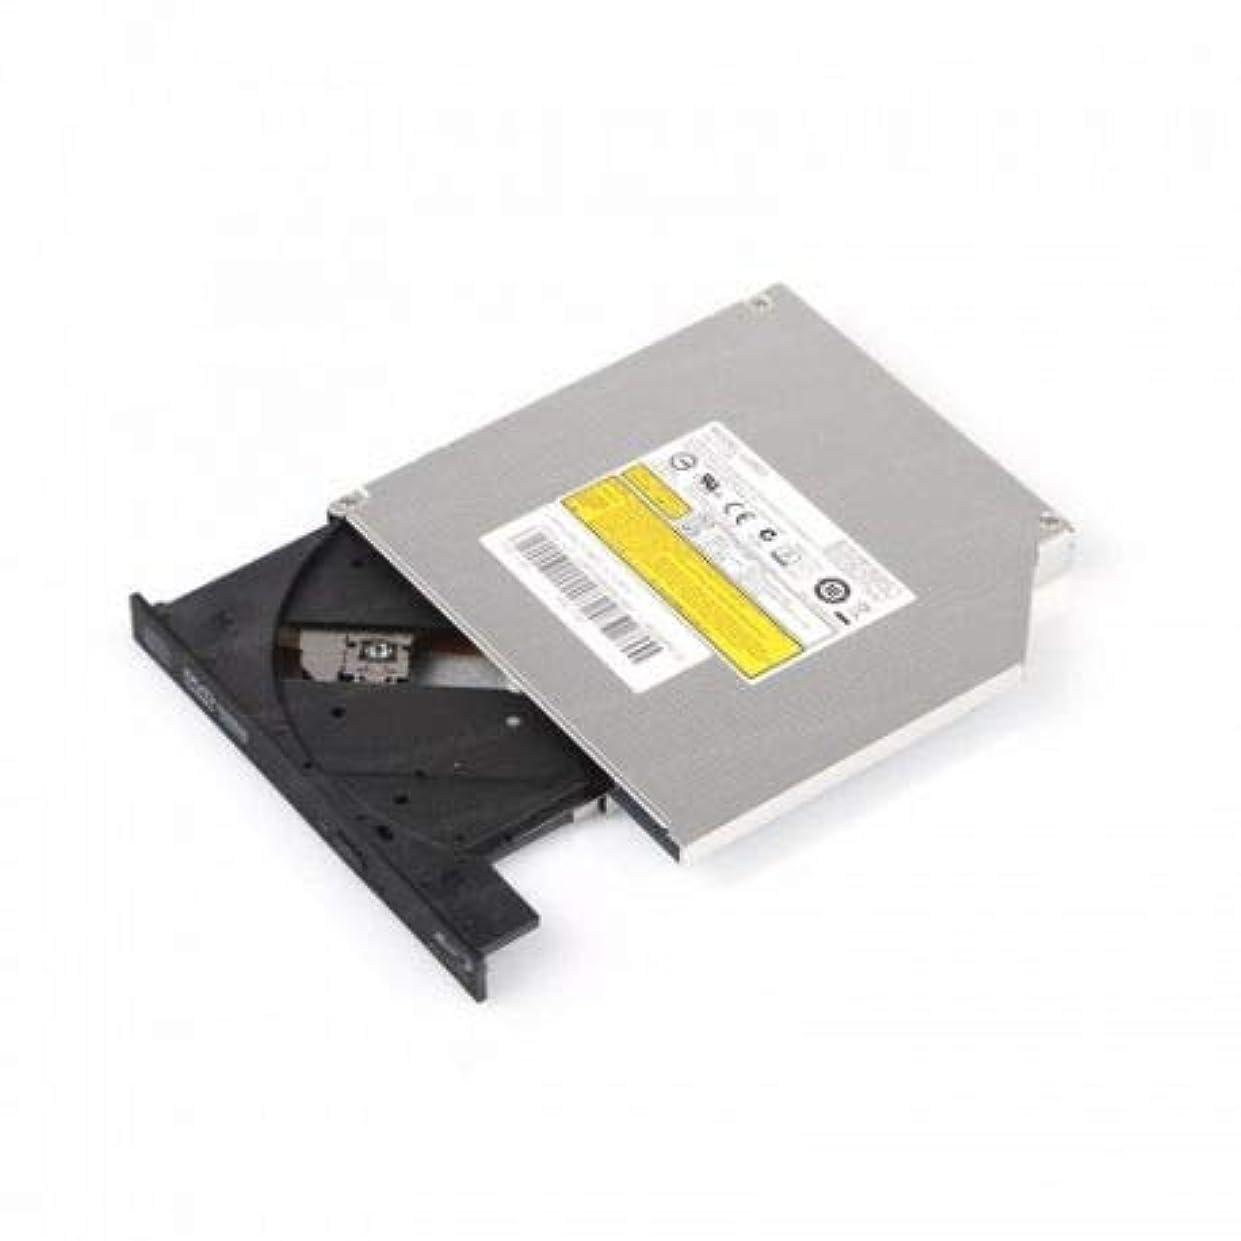 豪華ないたずらカップPanasonic UJ-172 ノートパソコン内蔵9.5mm Bluray Combo スリム内部9.5mm SATA Blu-rayコンボドライブ (UJ-172)